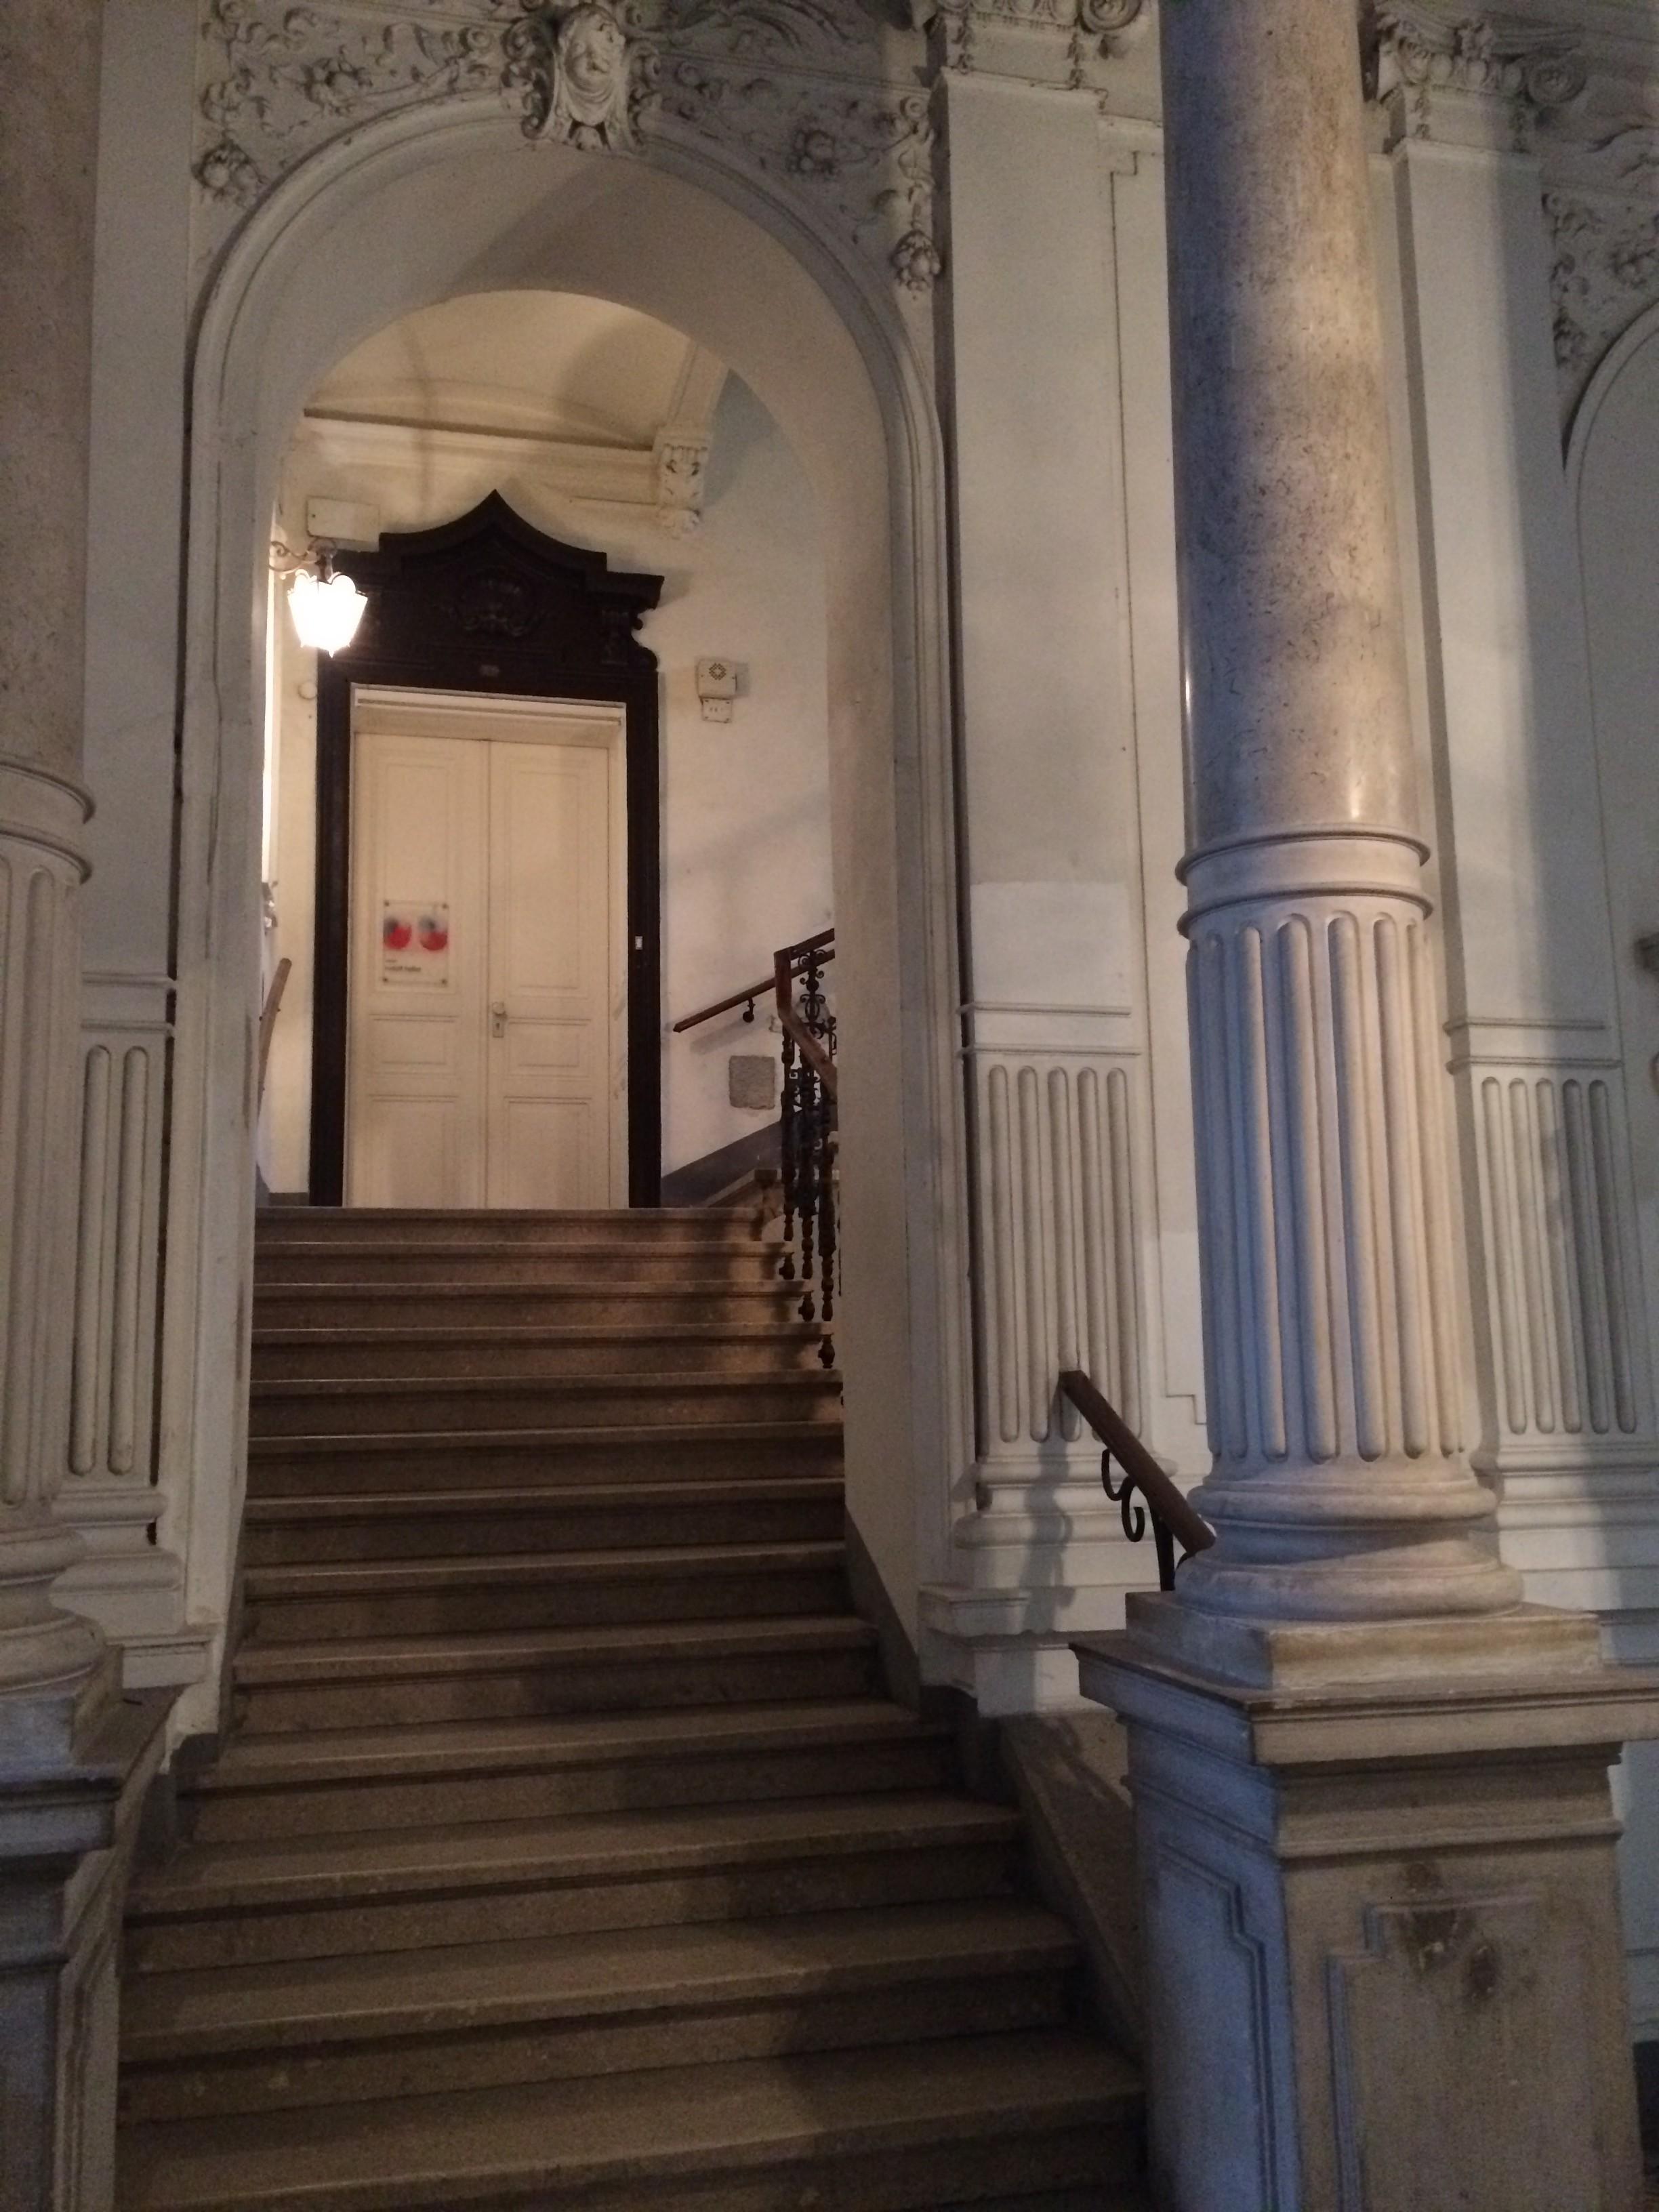 Büro wienerhomepages, Lehargasse 3 - 1060 Wien